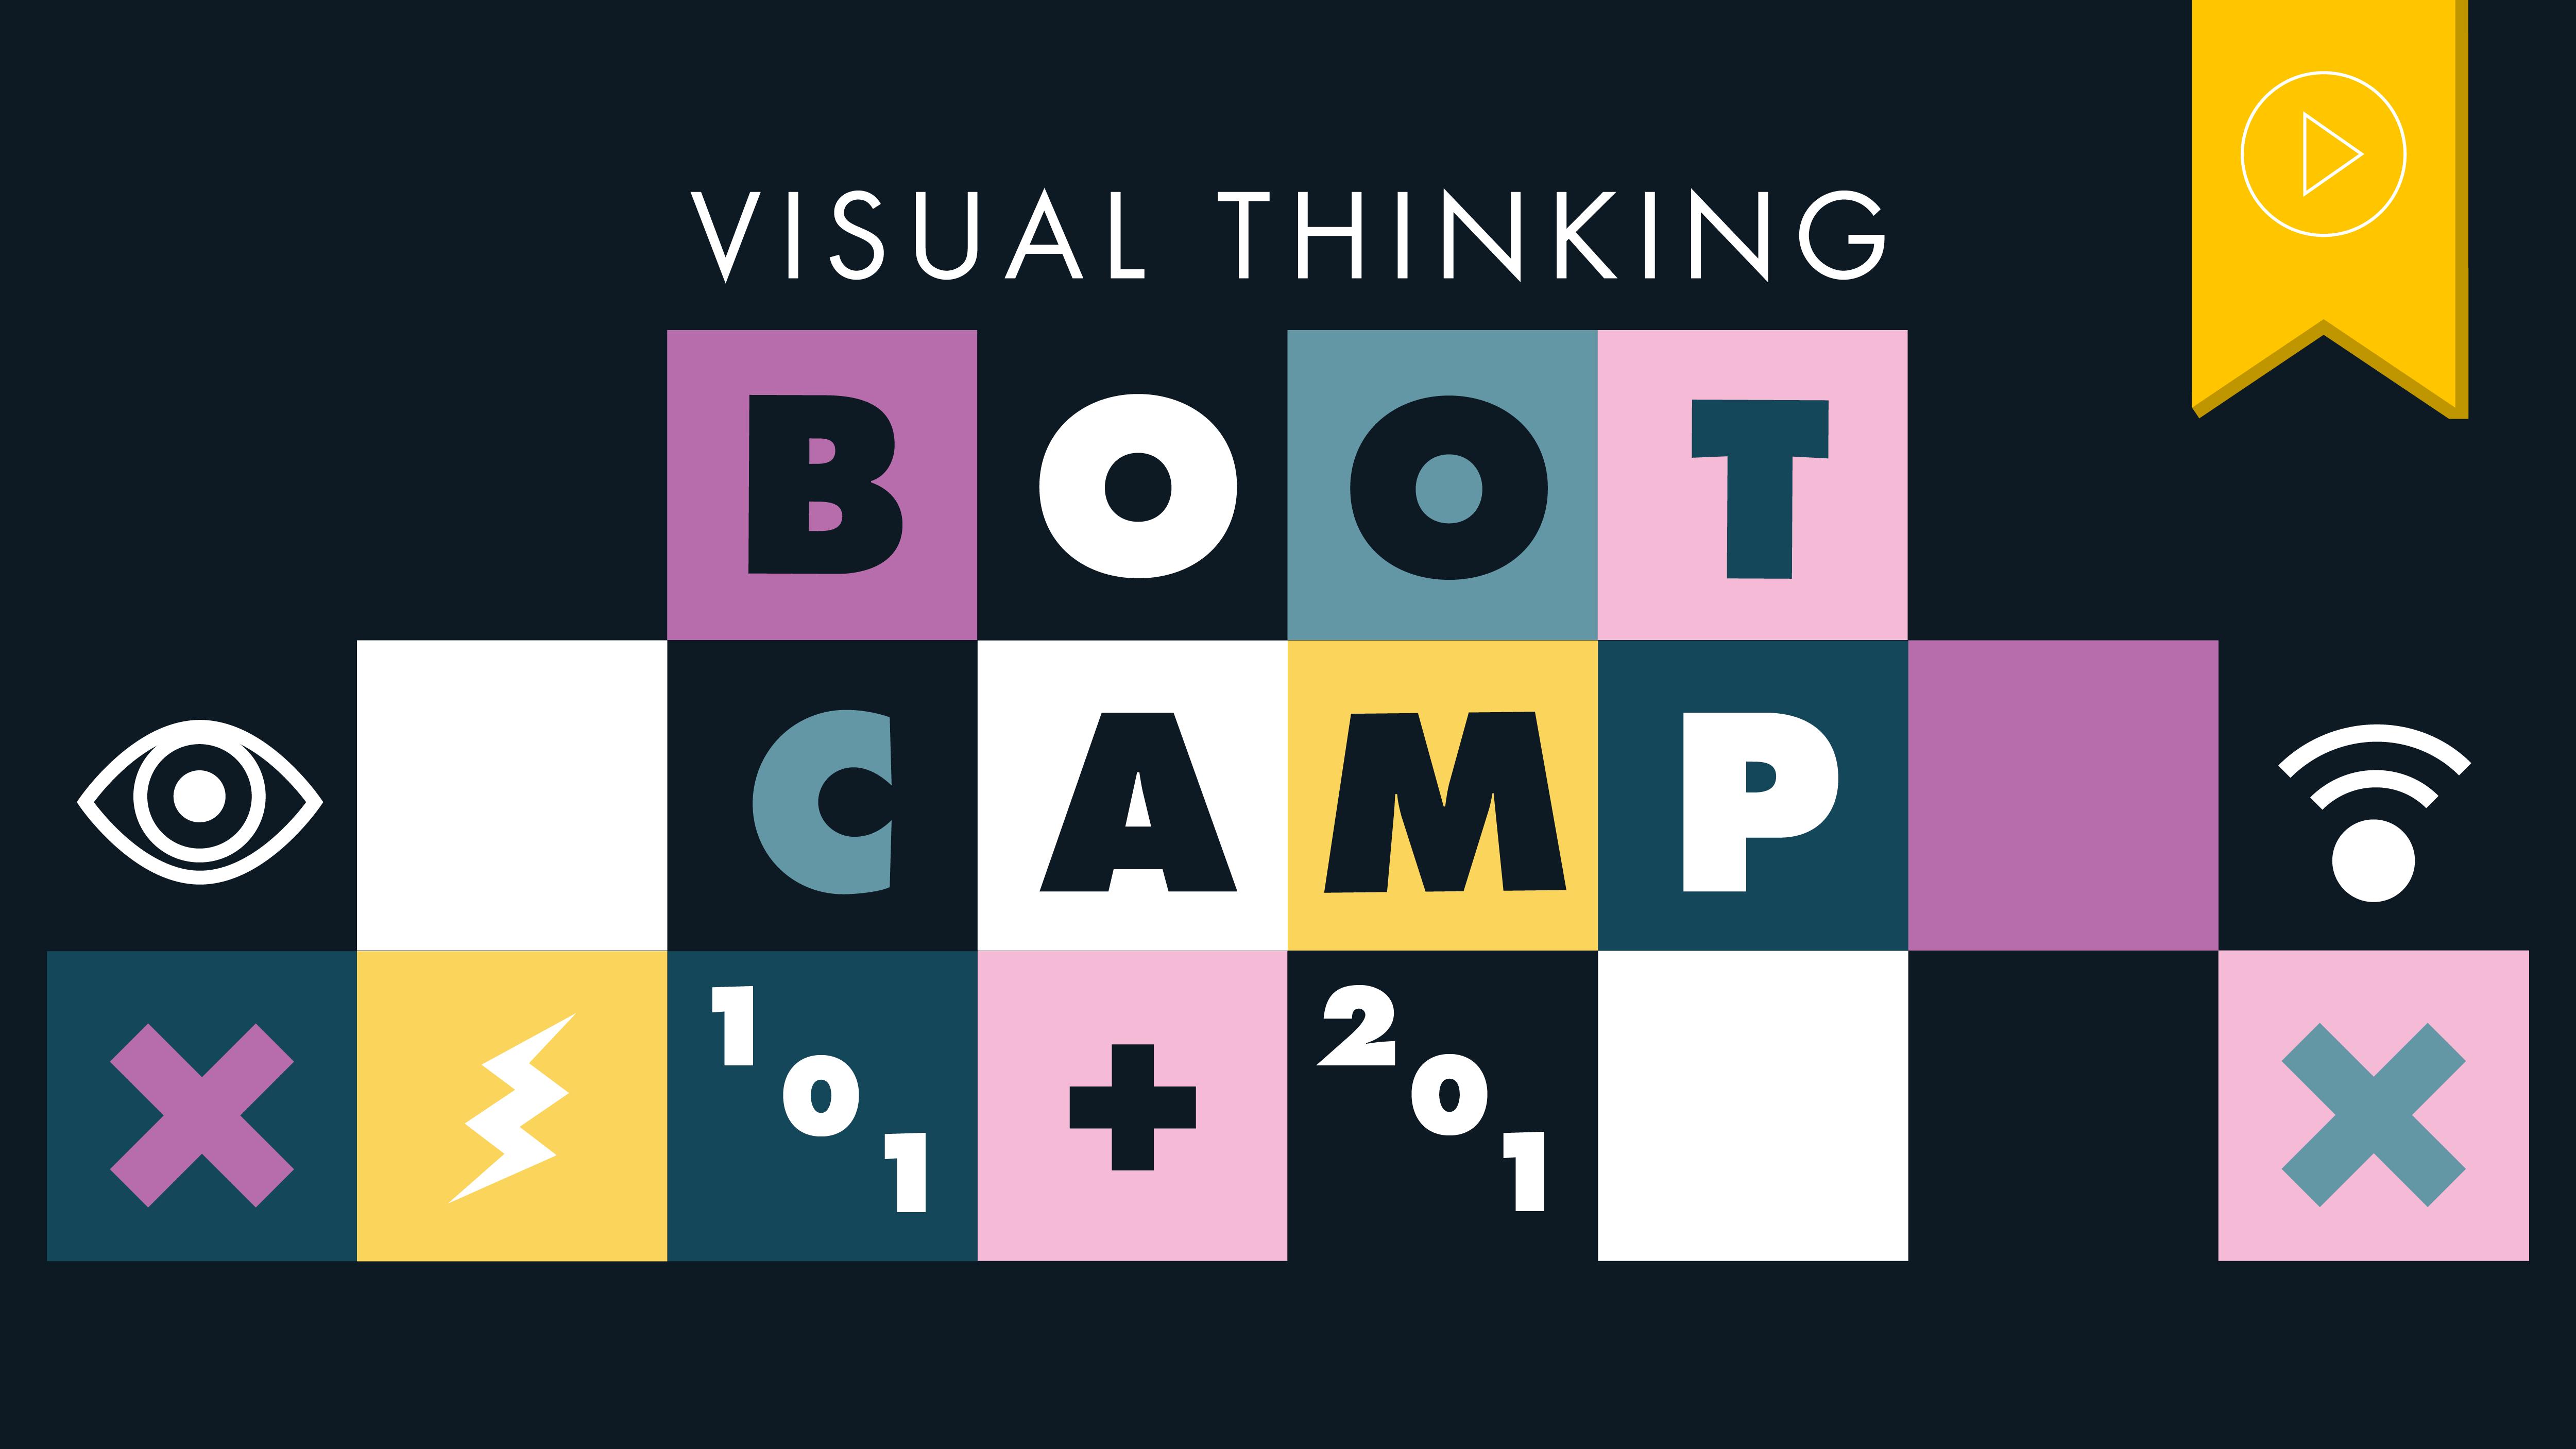 Header image with blocks saying Visual Thinking Bootcamp 101 + 201